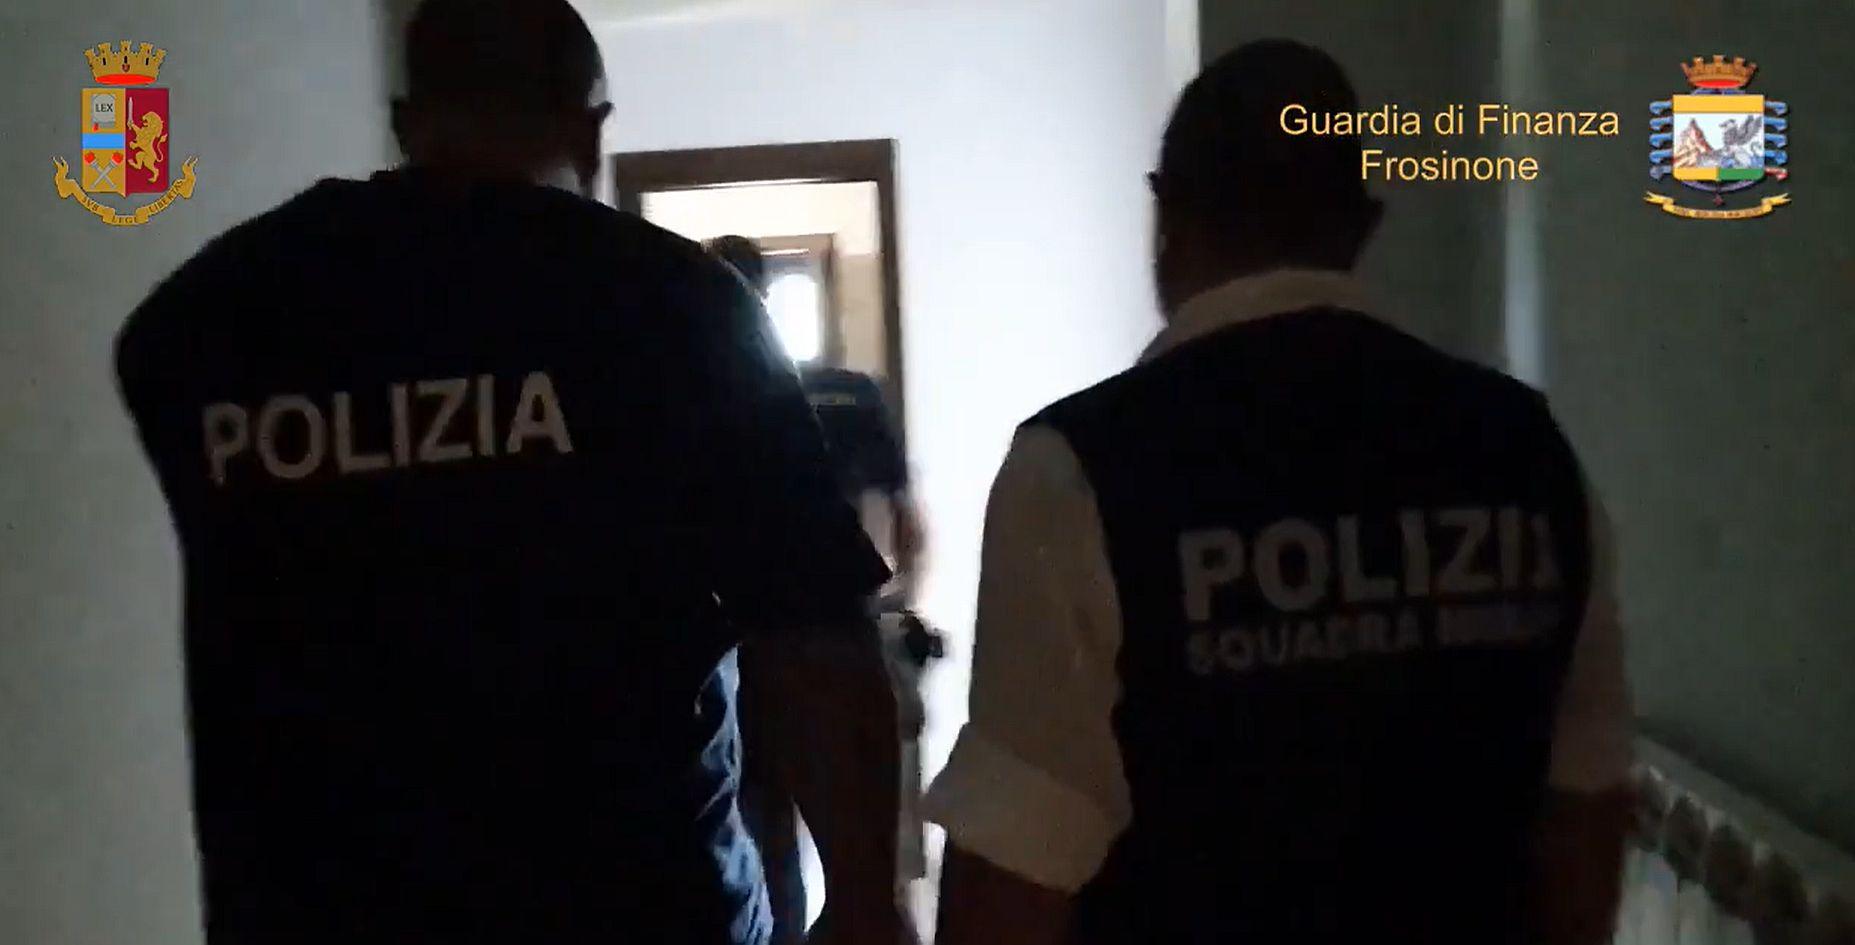 Operazione congiunta a Frosinone: torna in carcere la sorella di Michele Zagaria, boss del Clan dei Casalesi